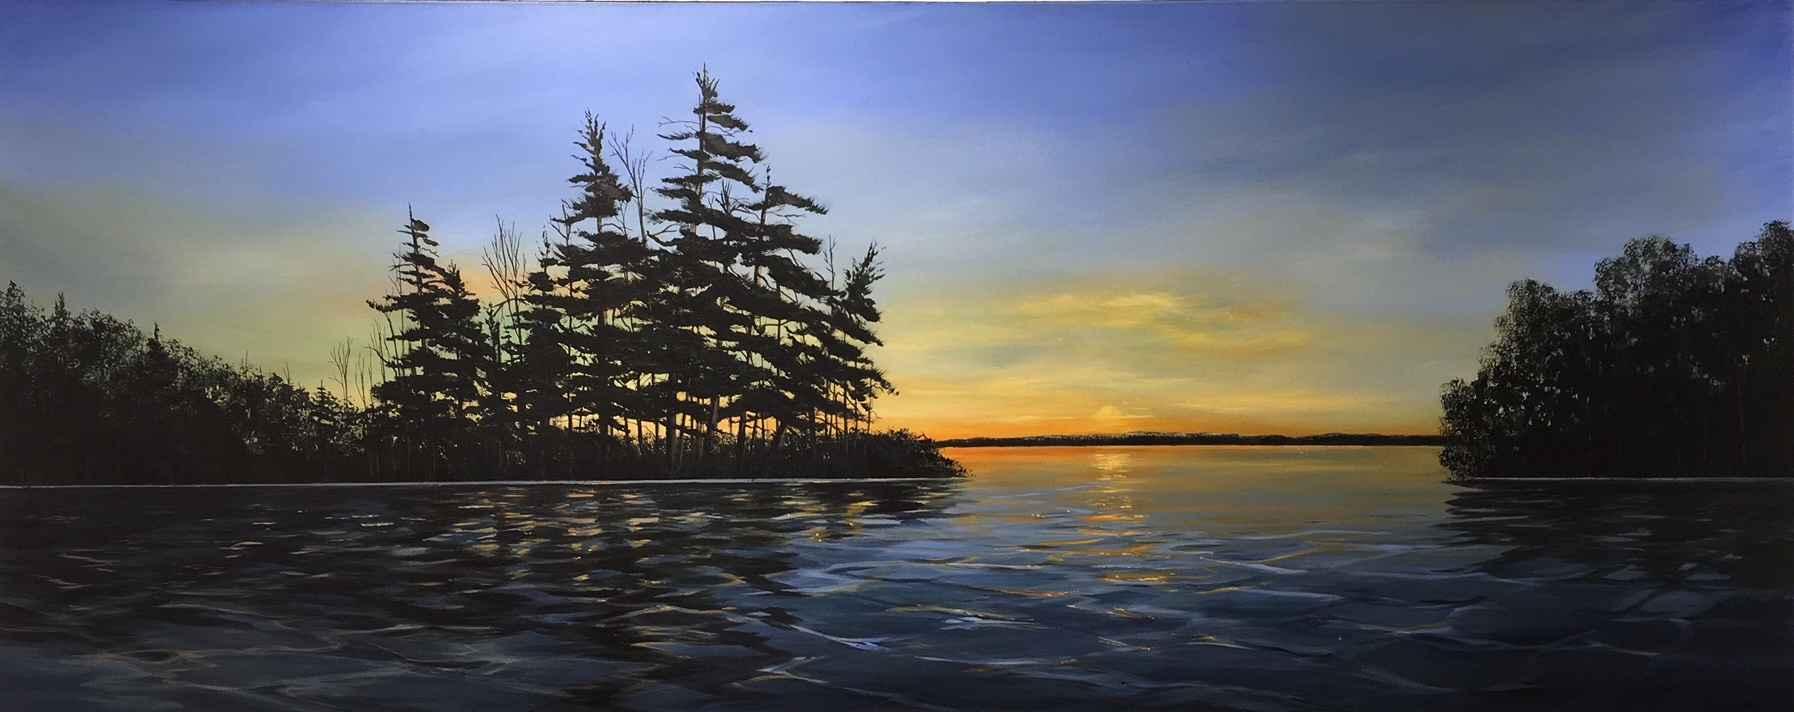 Summer Nights by  Janet Liesemer - Masterpiece Online